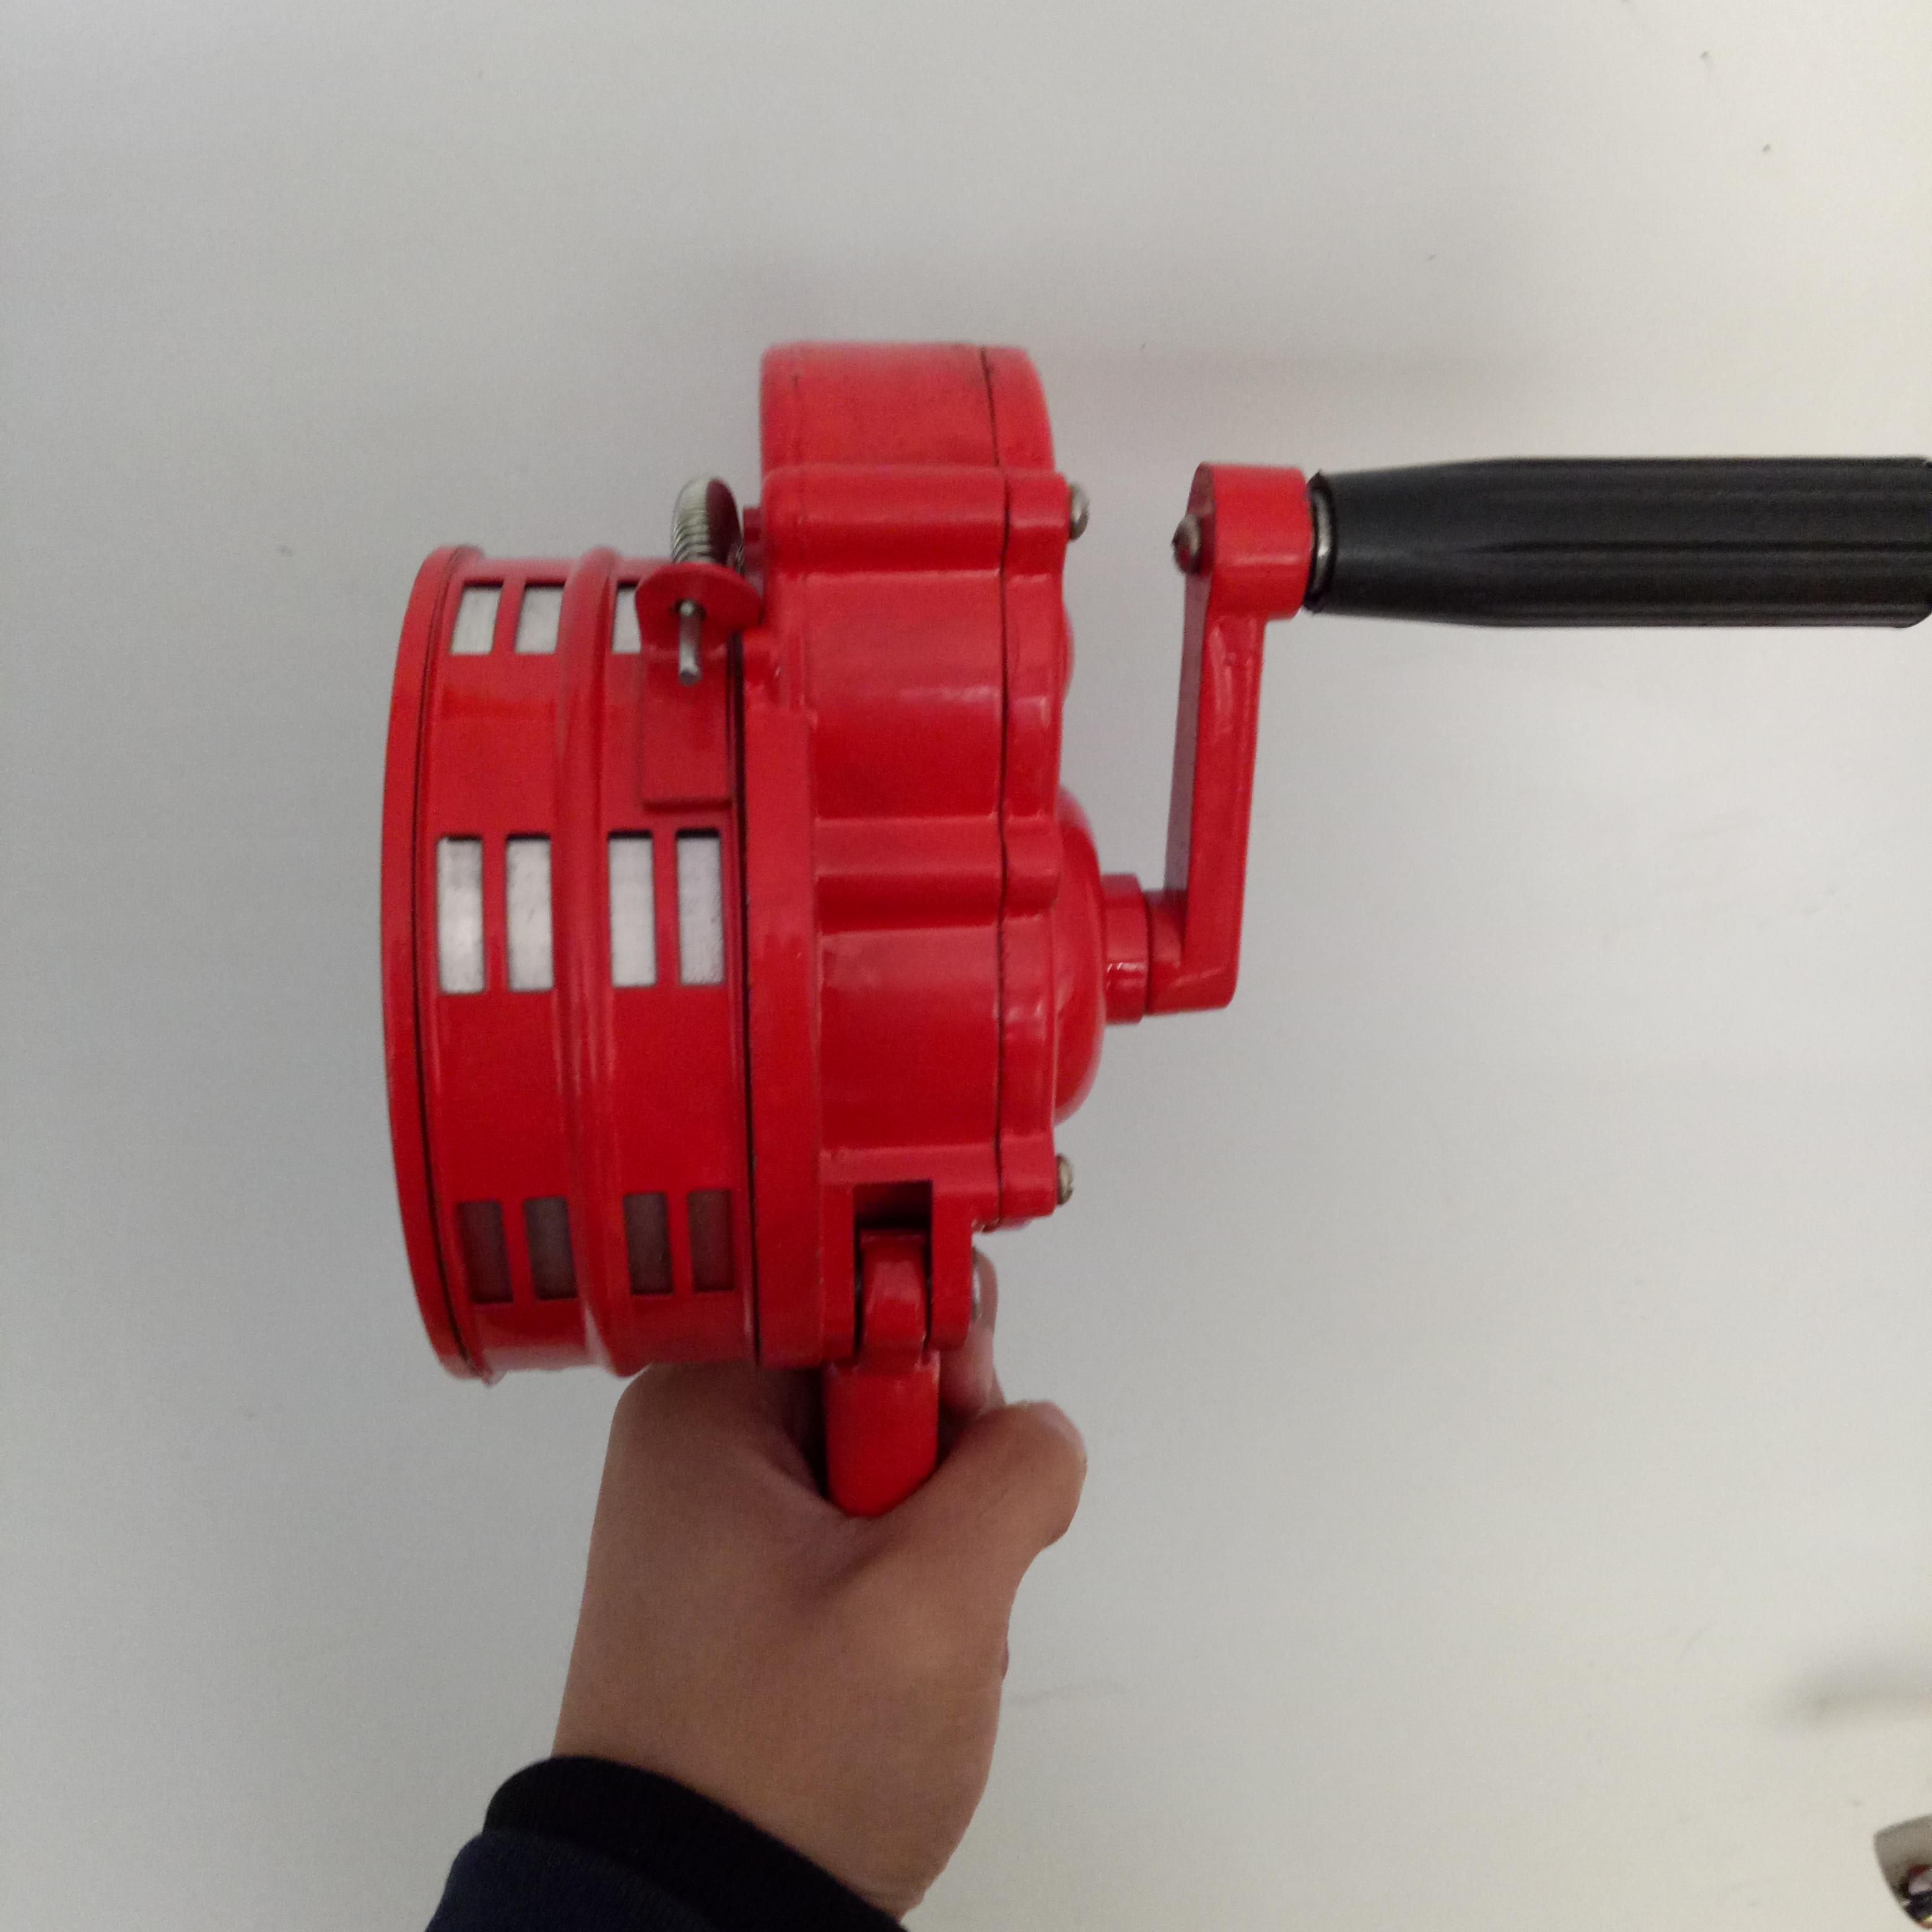 现货!手摇报警器 便携式手摇报警器LK100 铝合金 矿山报警器